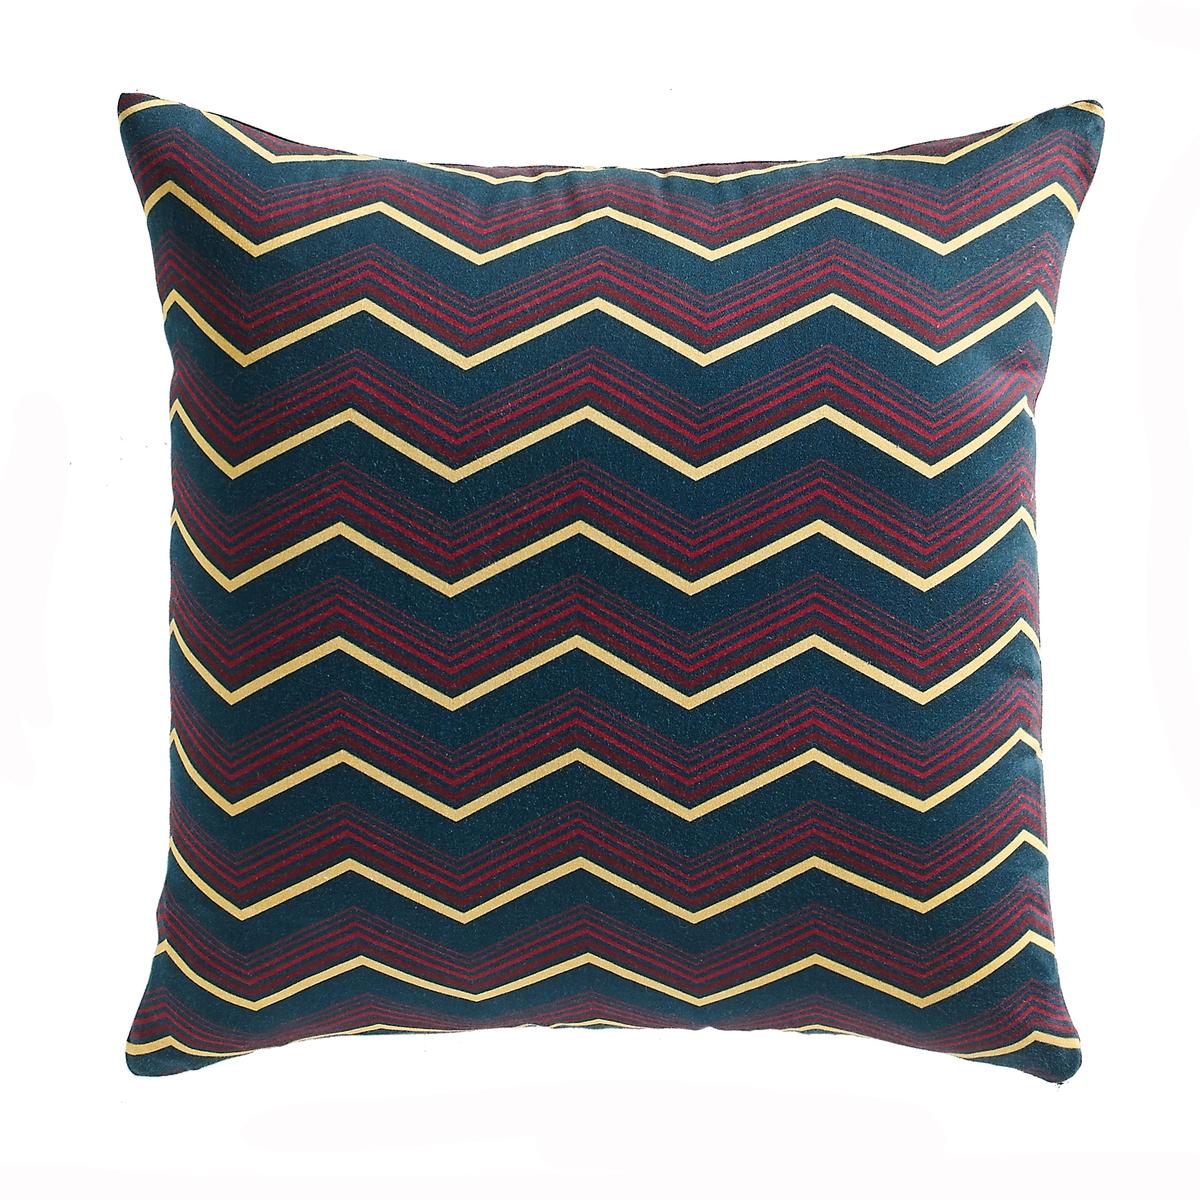 Чехол для подушки из хлопкового сатина с рисунком, Slinky